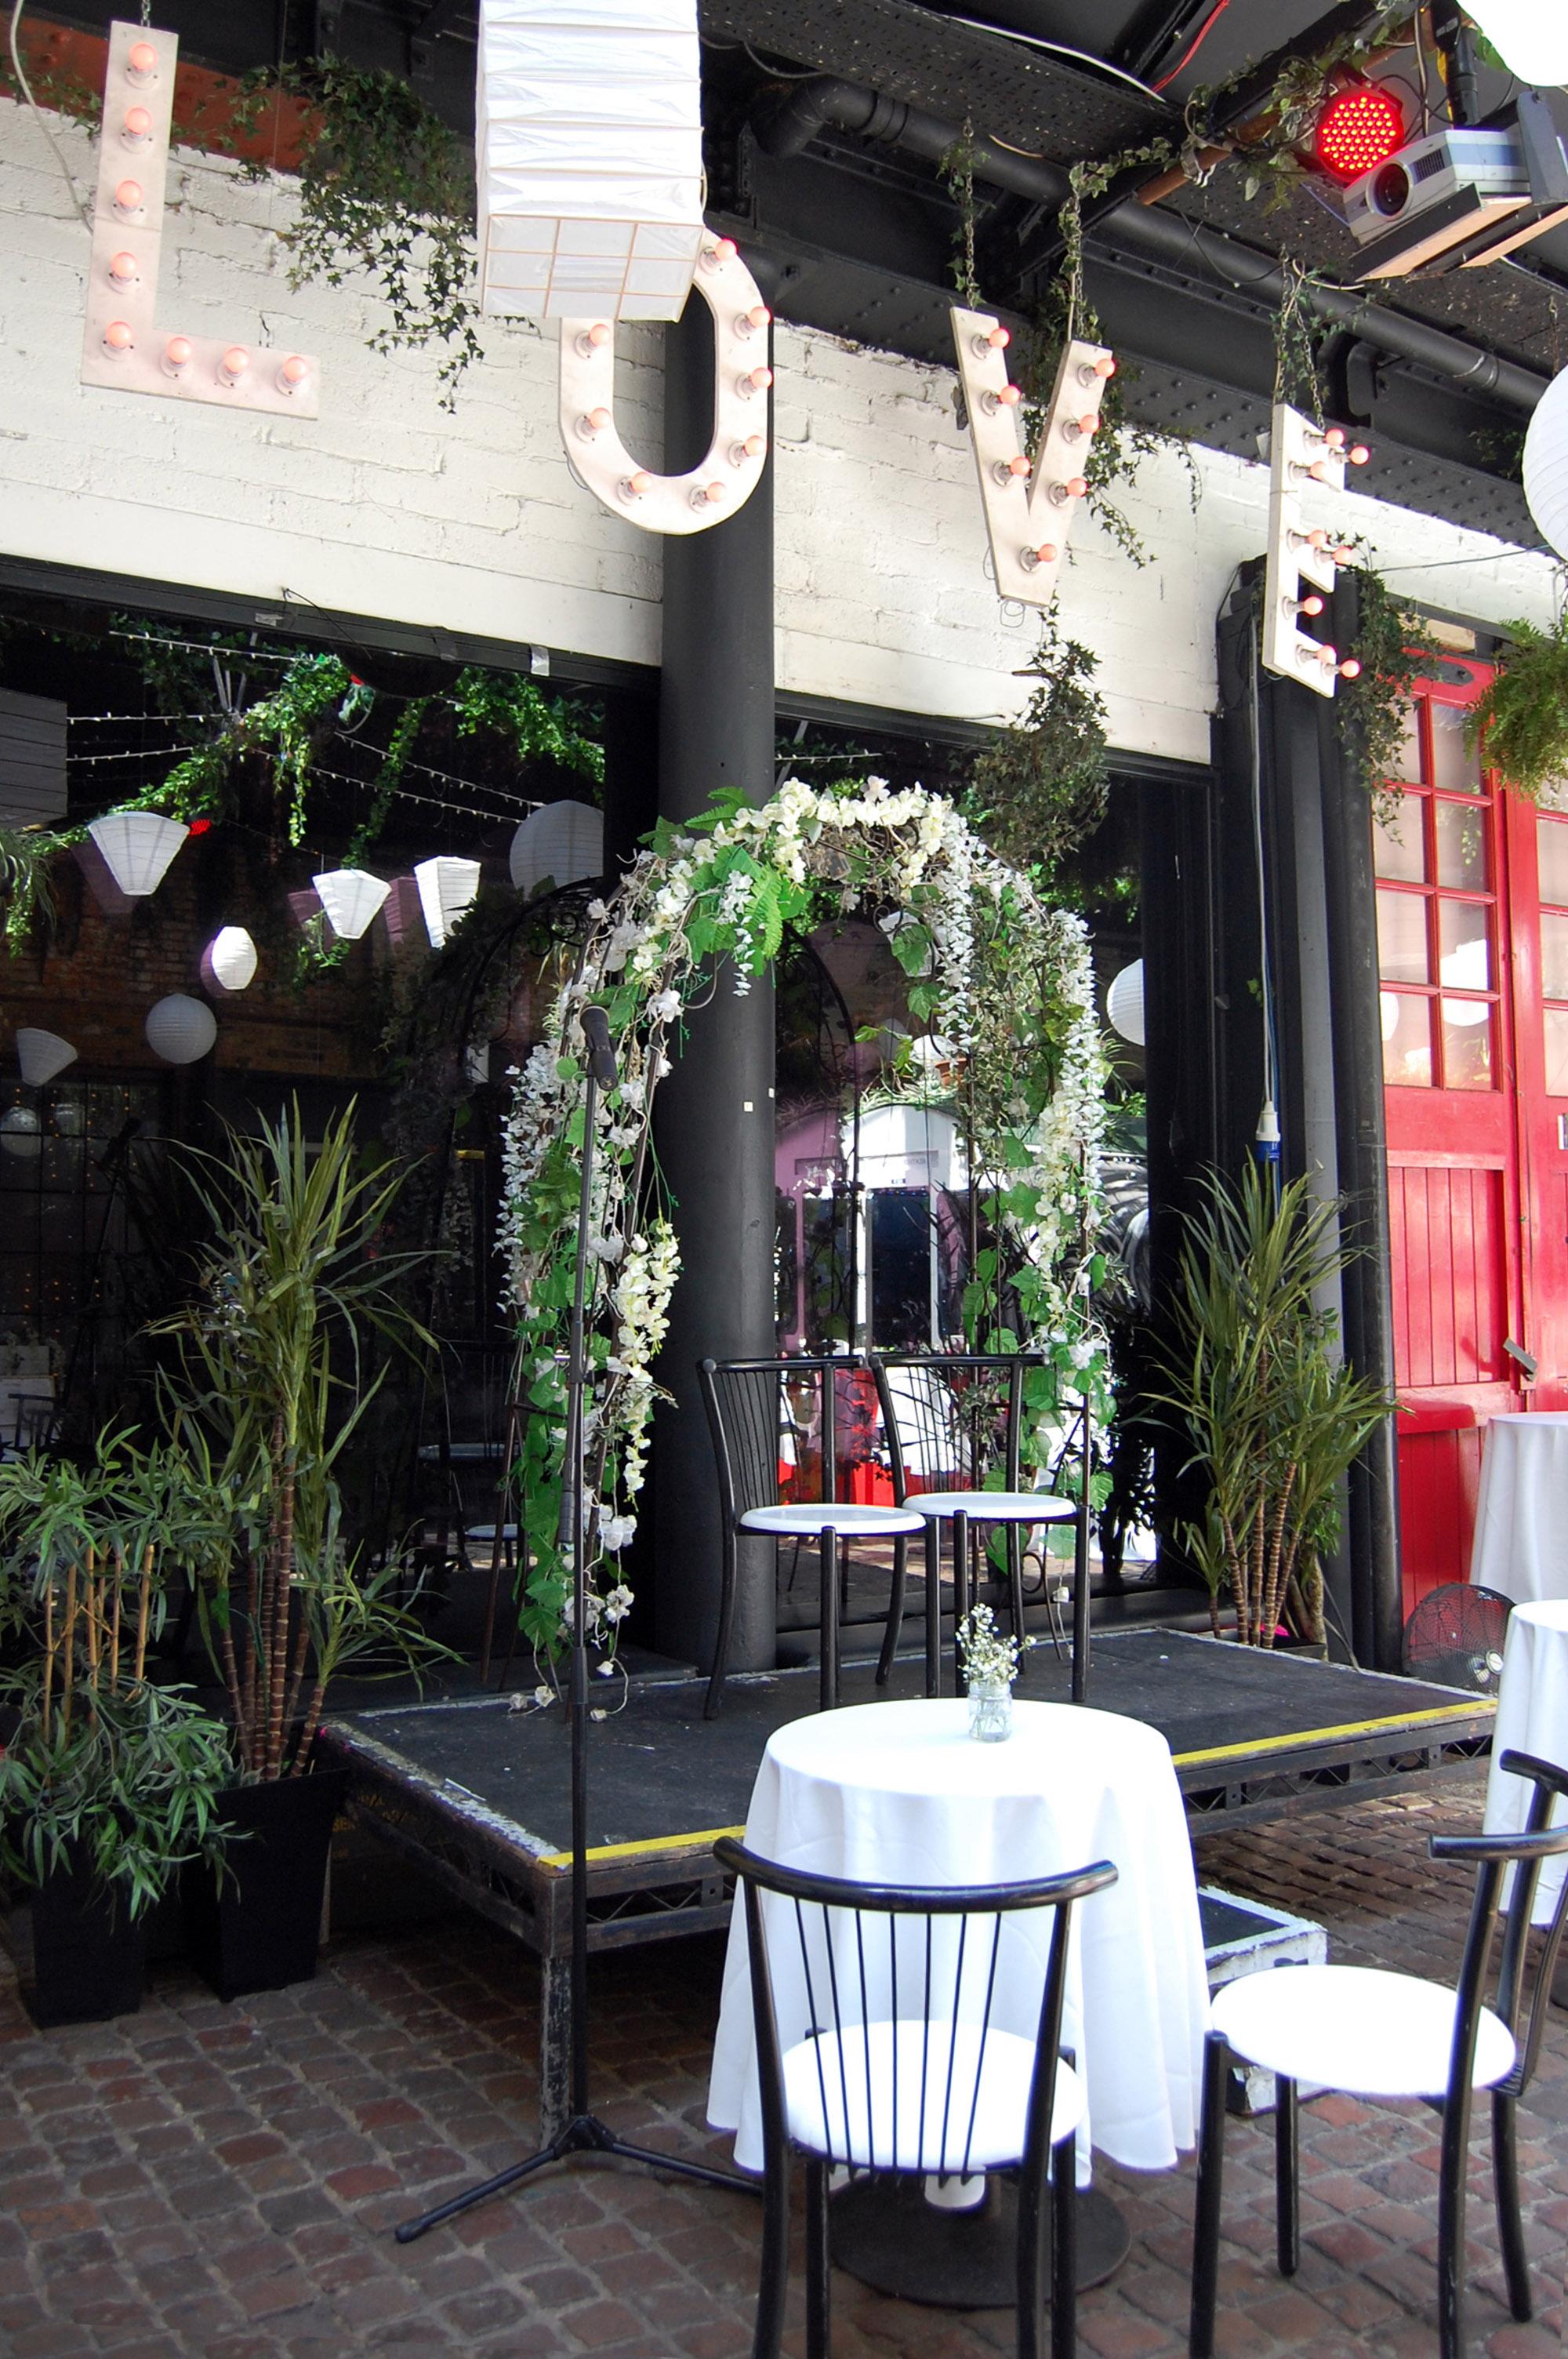 1 laid-back-chilled-ceremony-islington-metal-works-cat-wedding-laura-devine-bride-wedding-planner-tasker